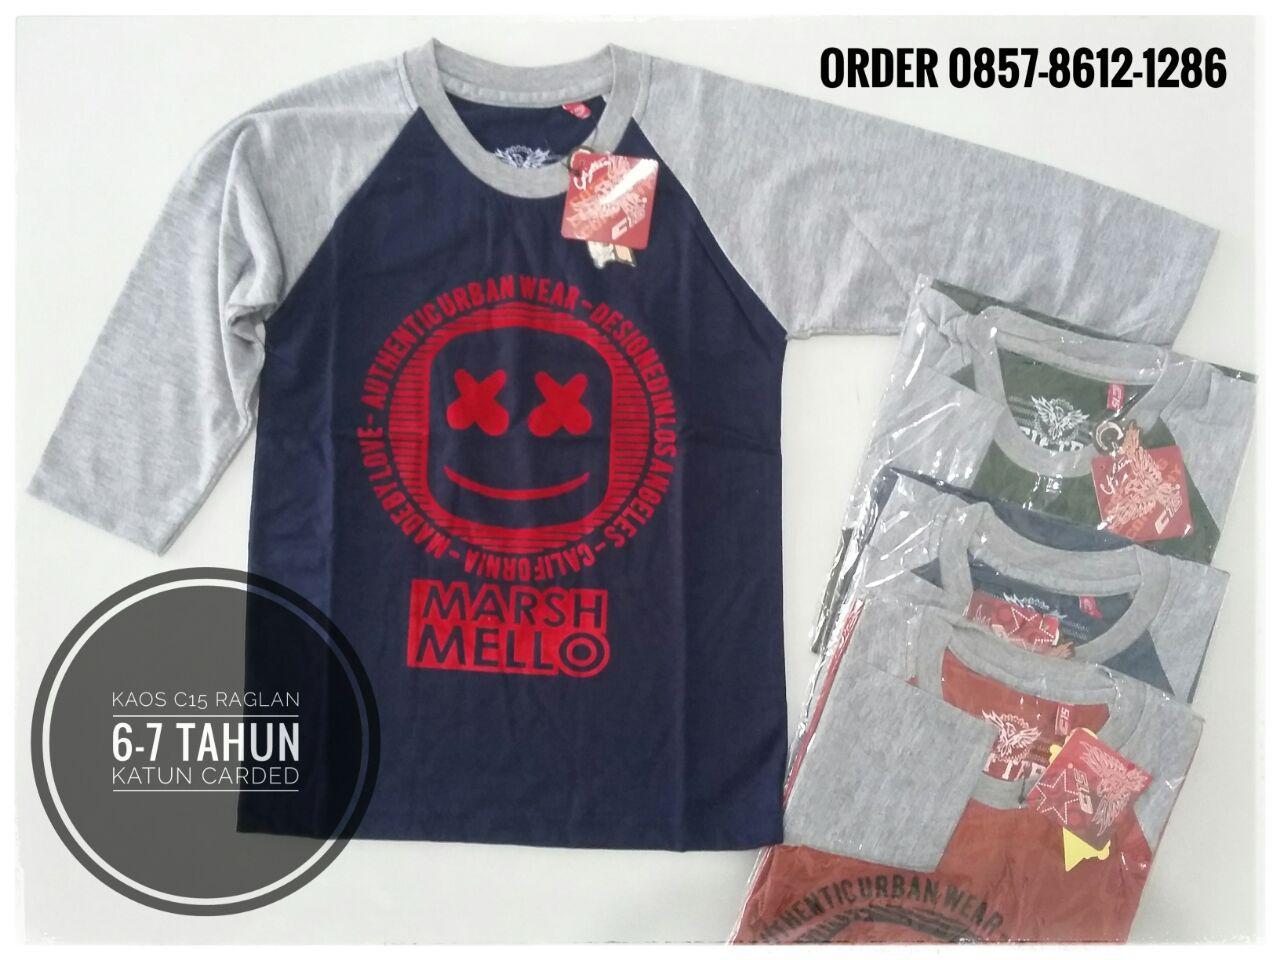 ObralanBaju.com Obral Baju Pakaian Murah Meriah 5000 Kaos C15 Raglan